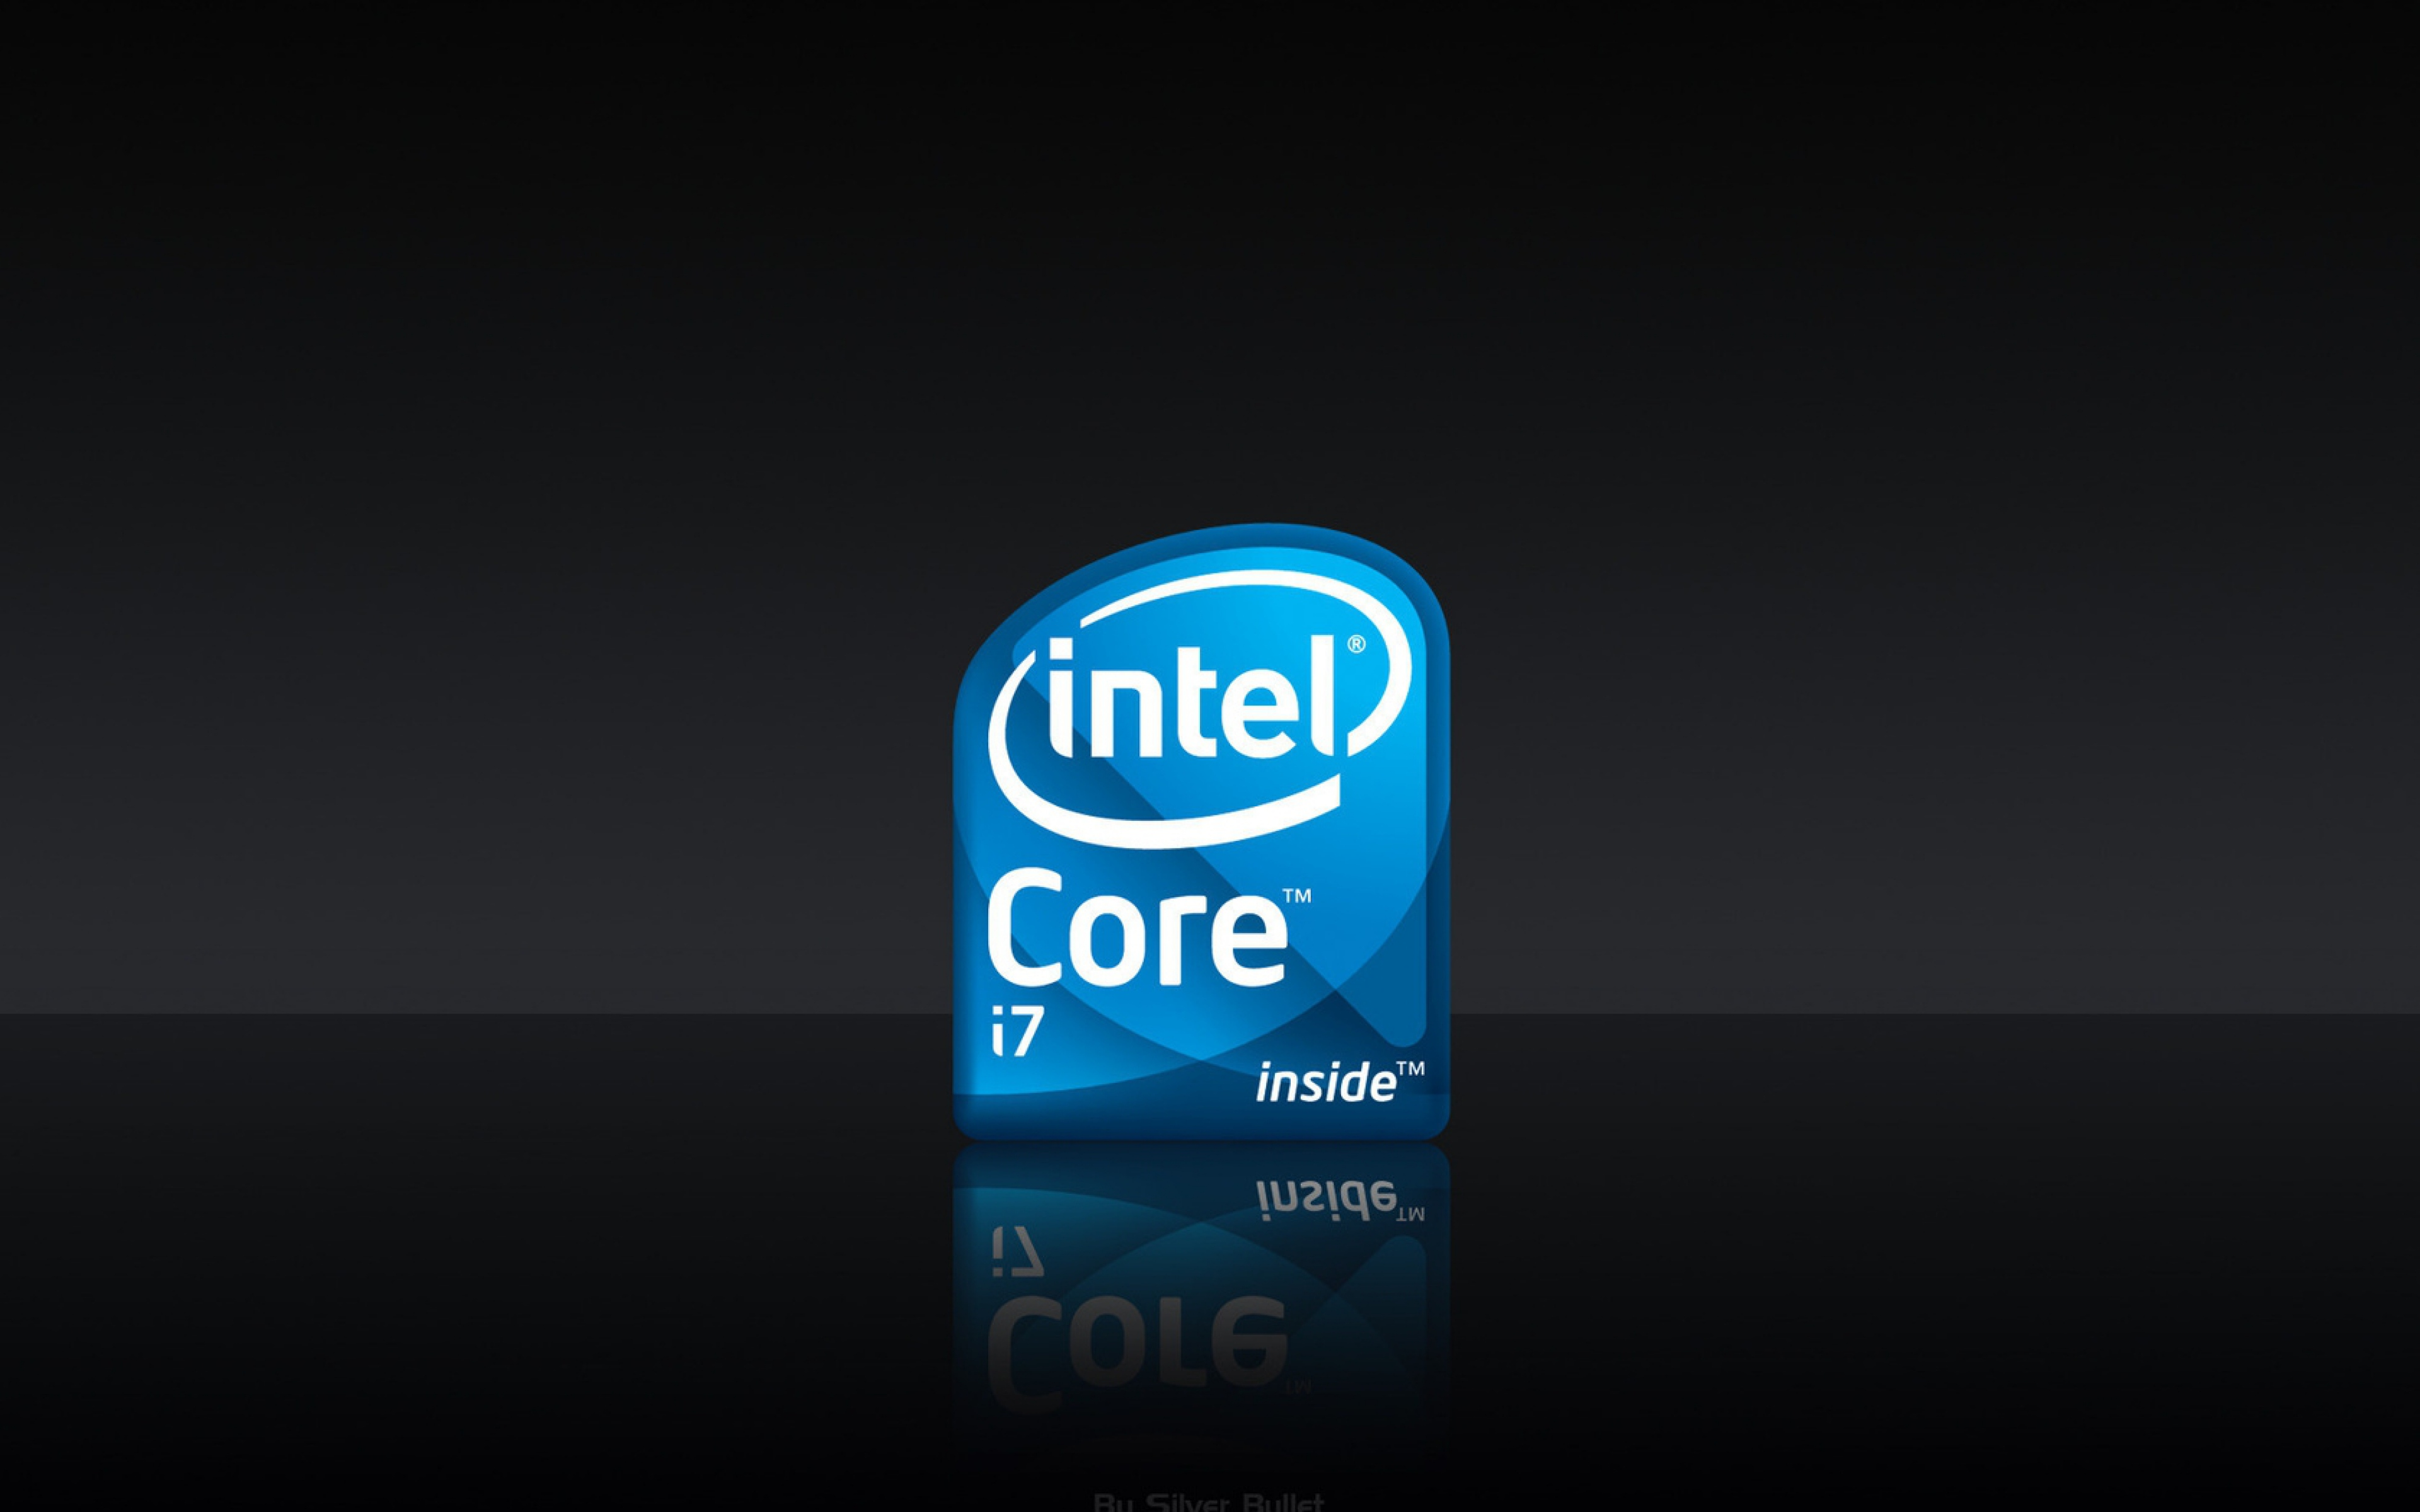 Intel 4k Wallpaper Wallpapersafari